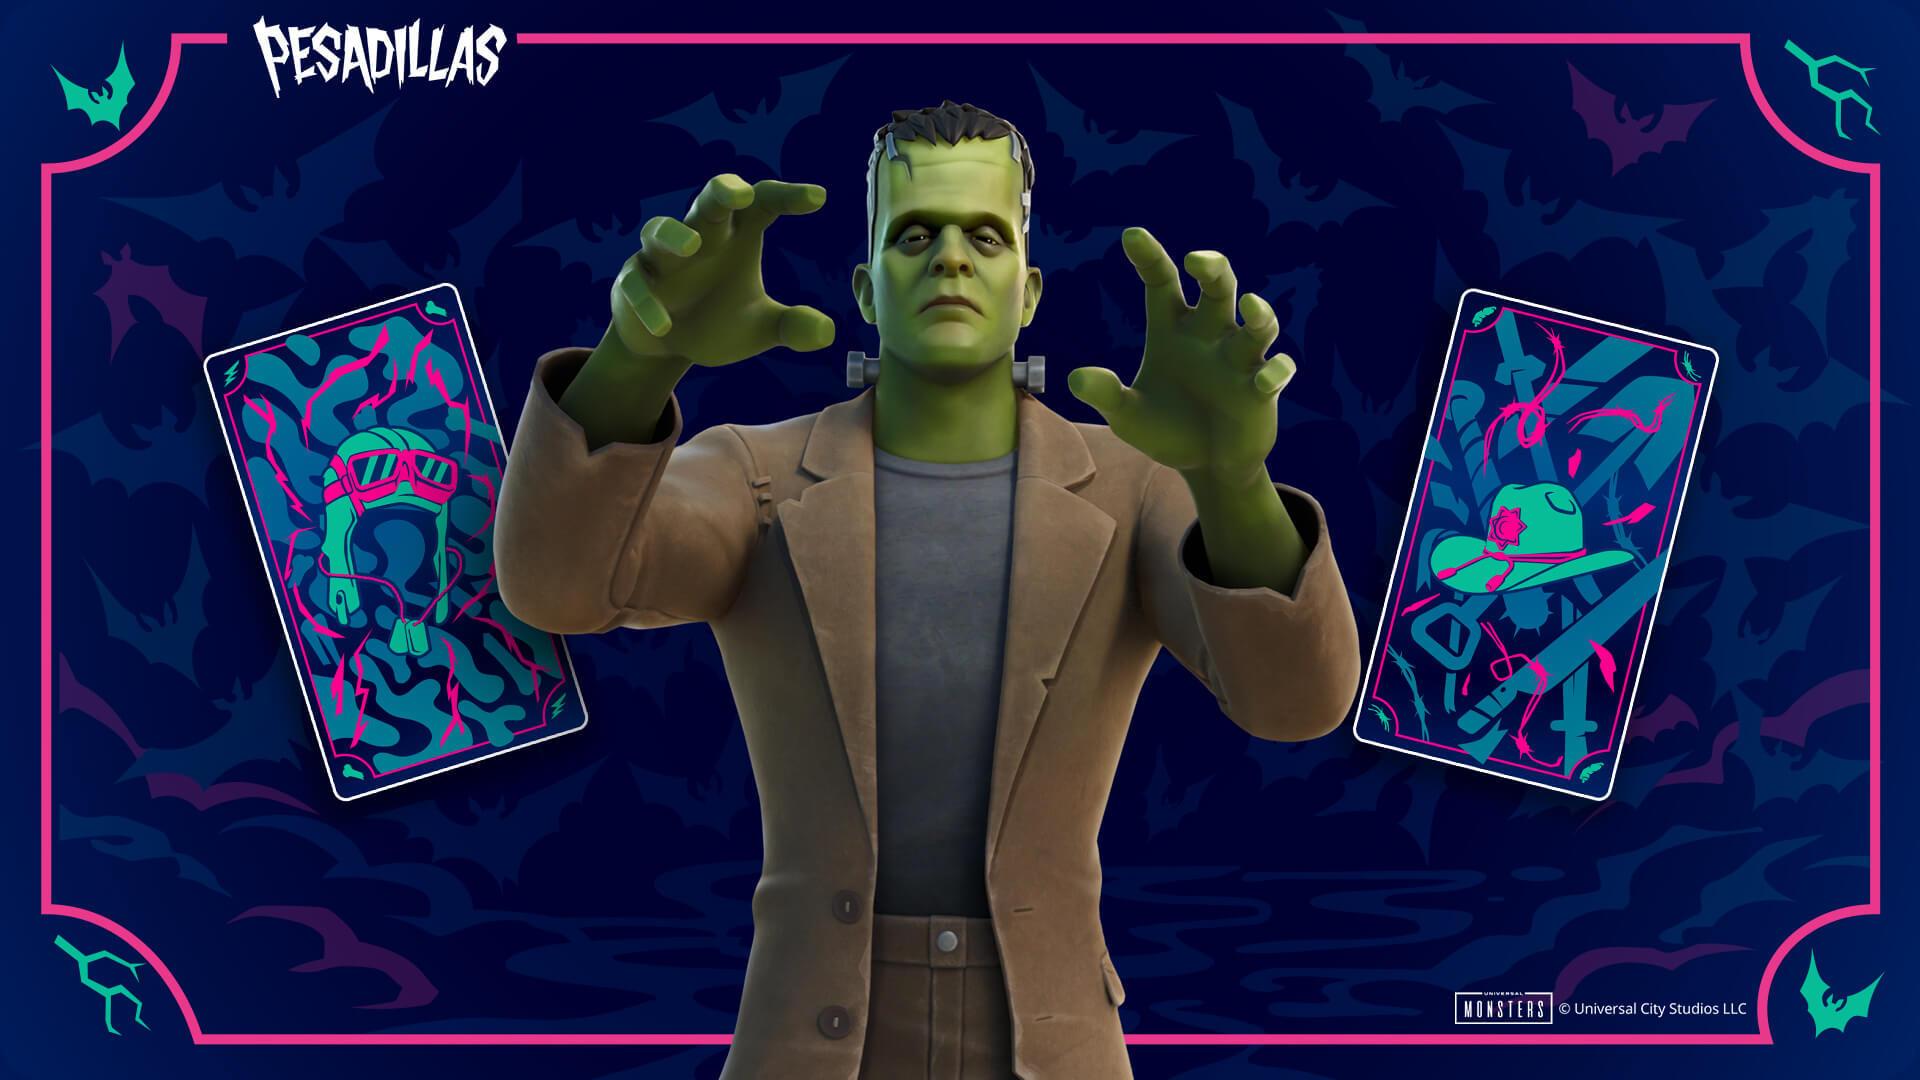 Nueva skin de Frankenstein en Fortnite